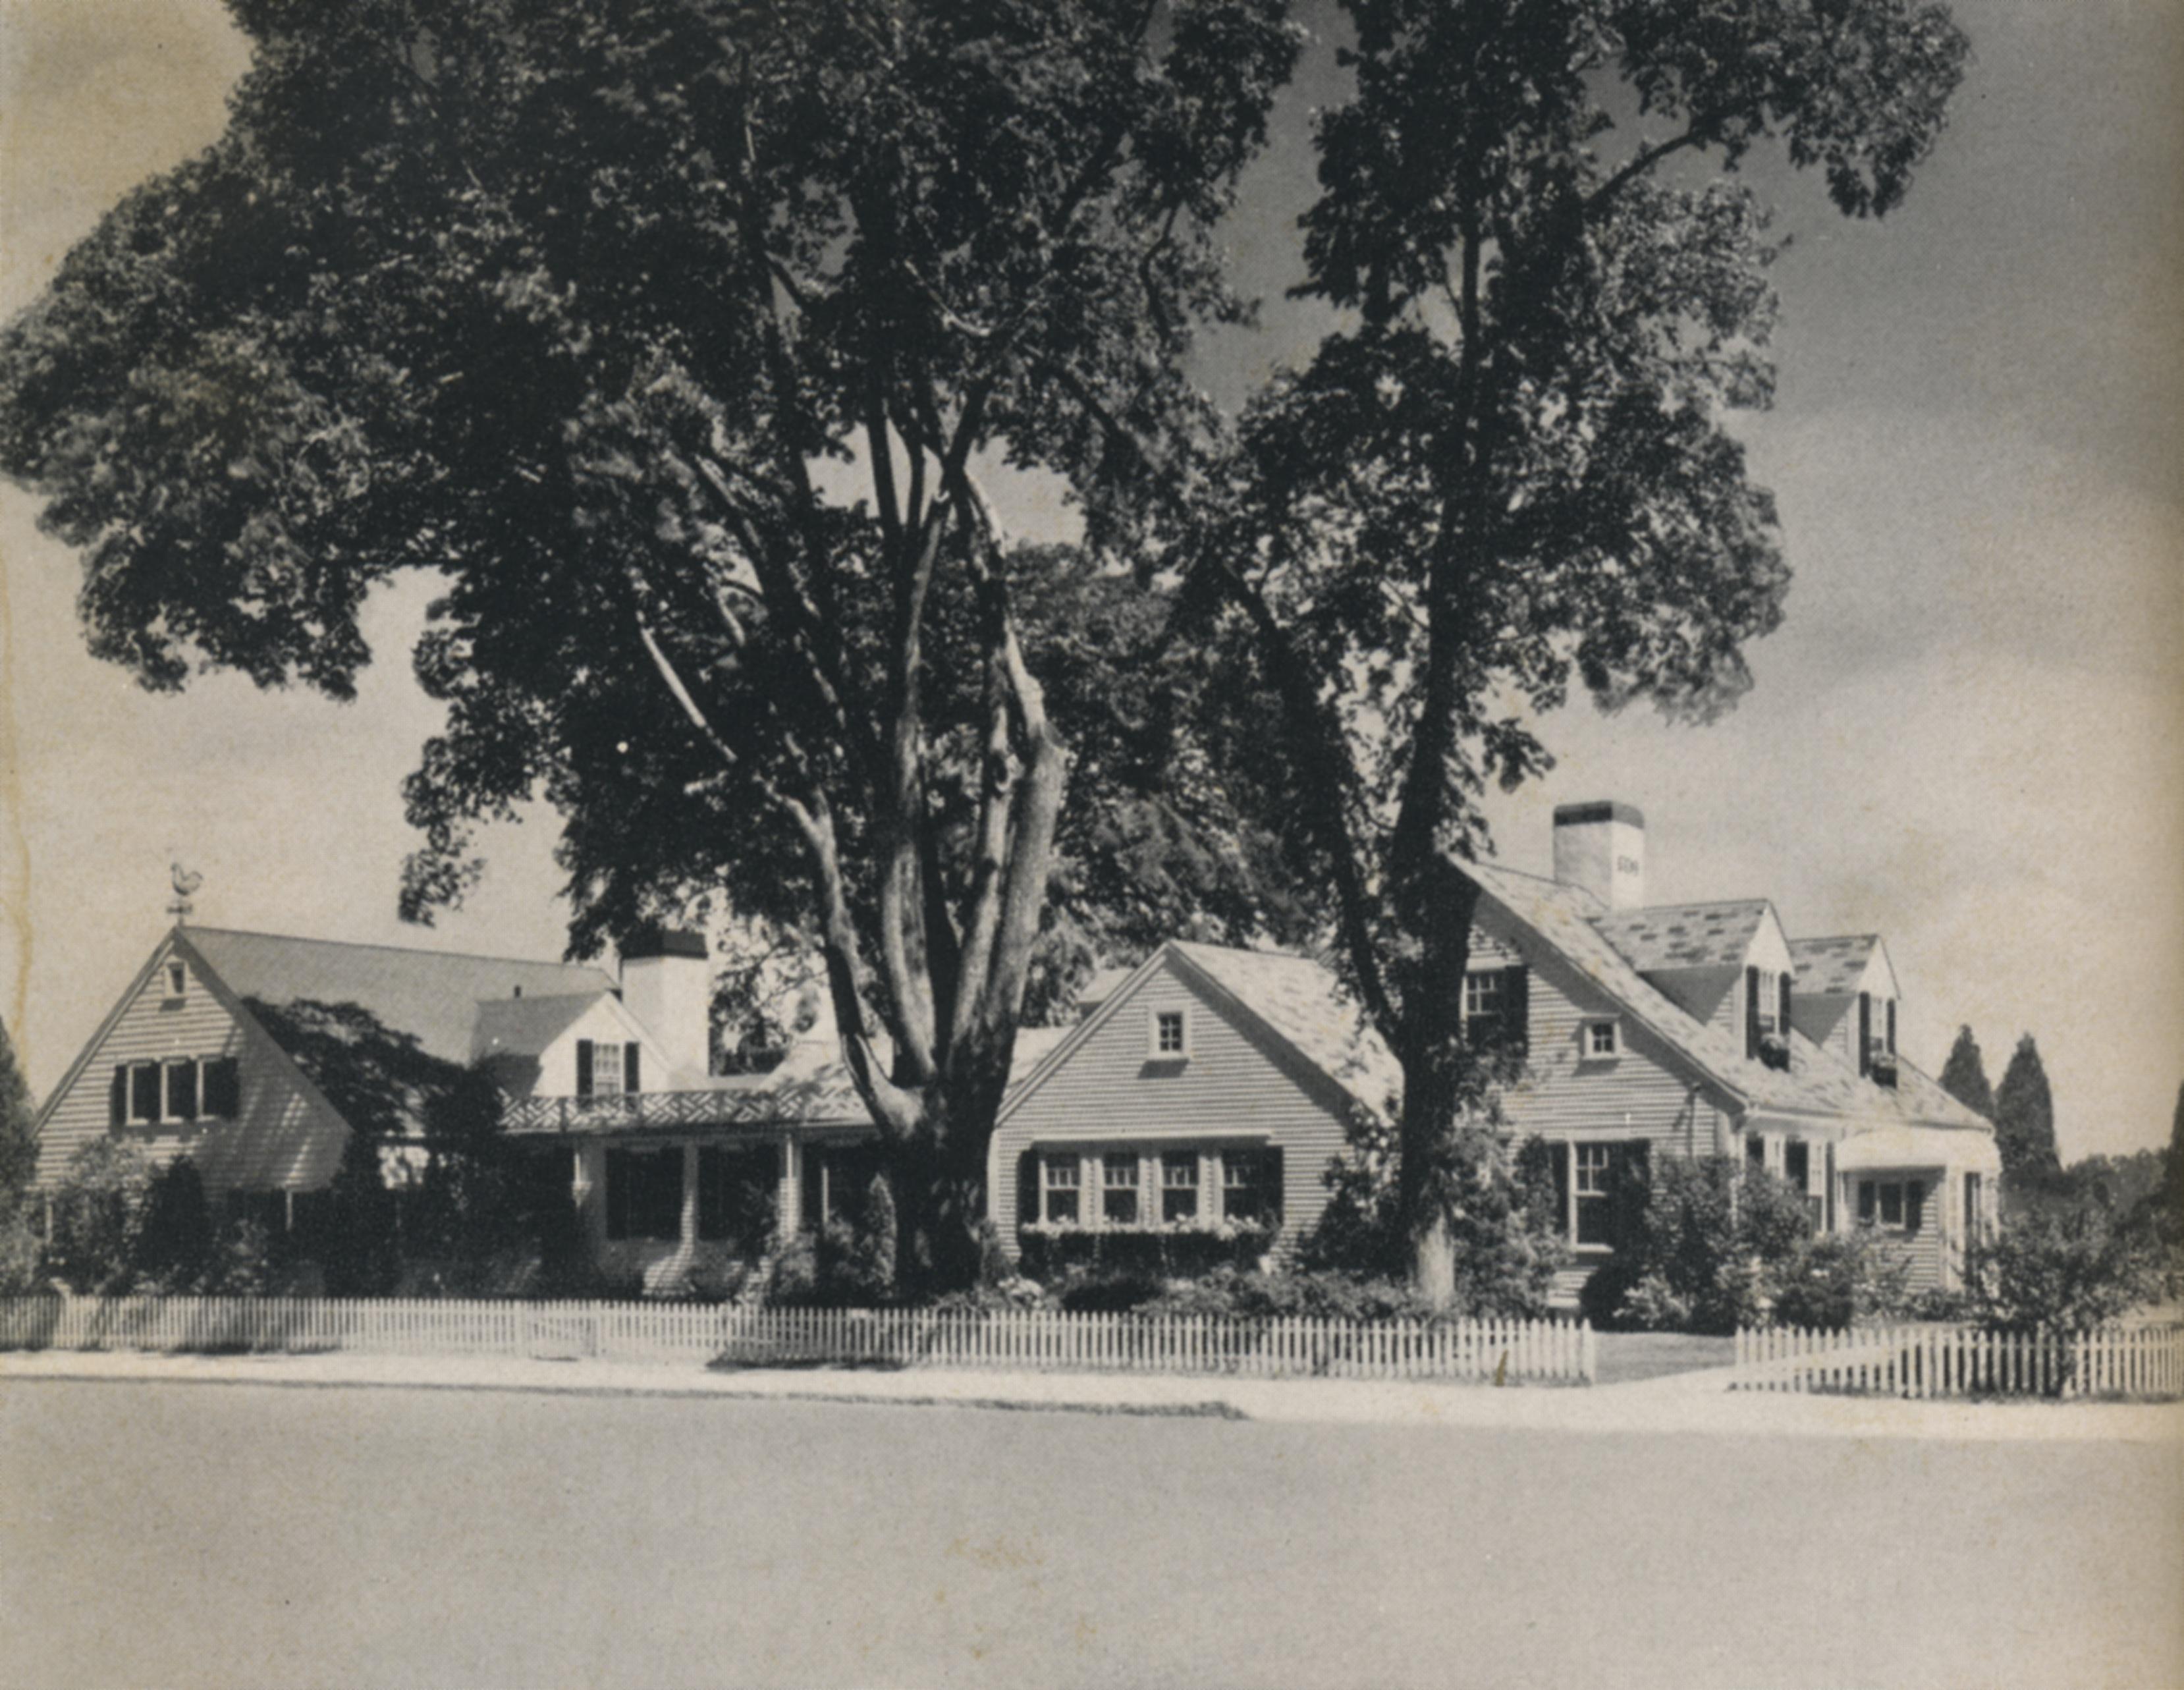 tollhouse-inn-circa-1940